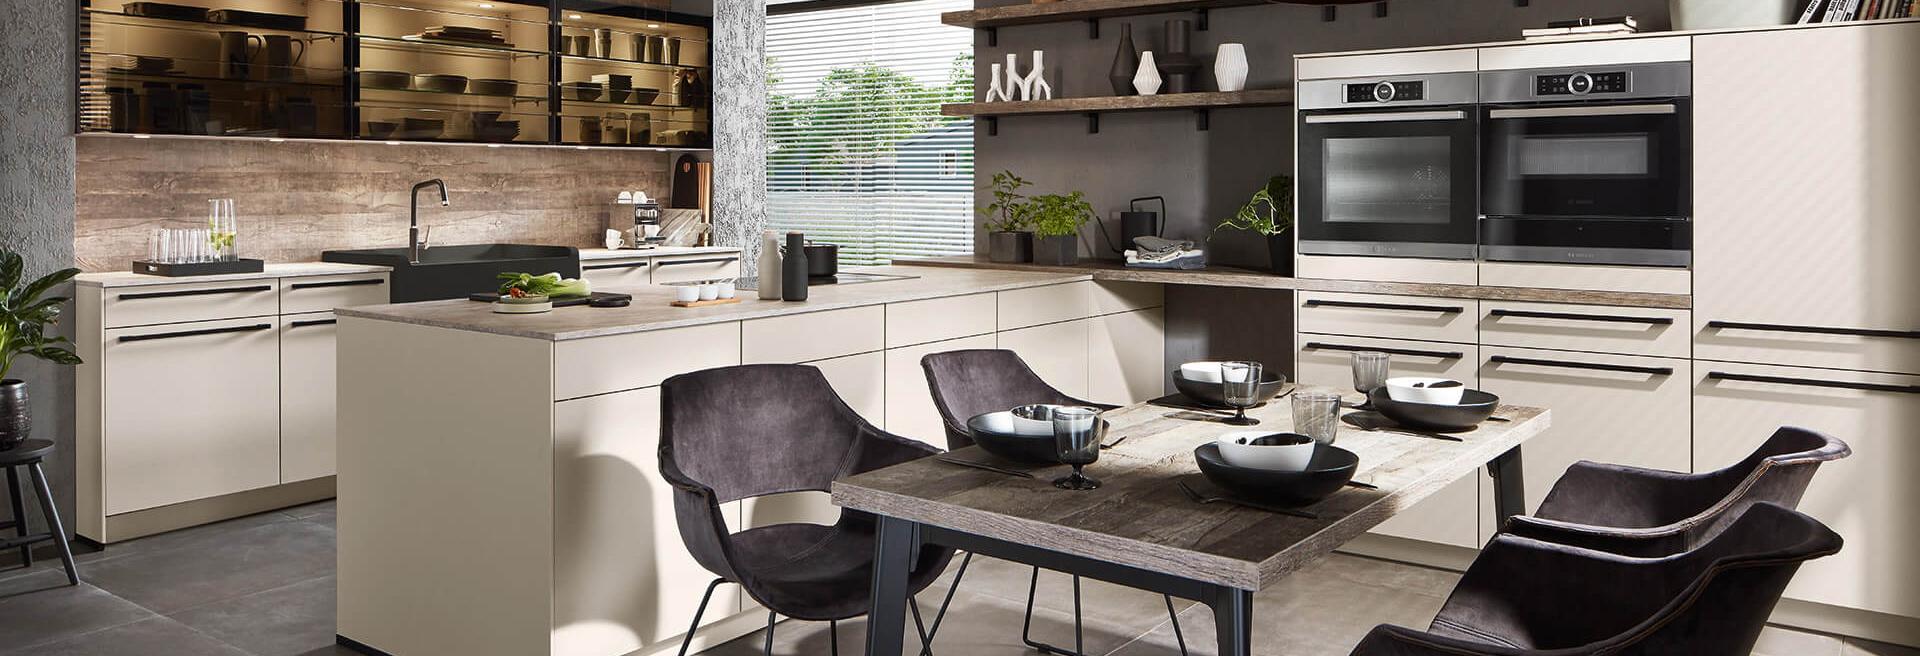 Kücheninsel weiß beige hell mit LED Beleuchtung mit Backofen